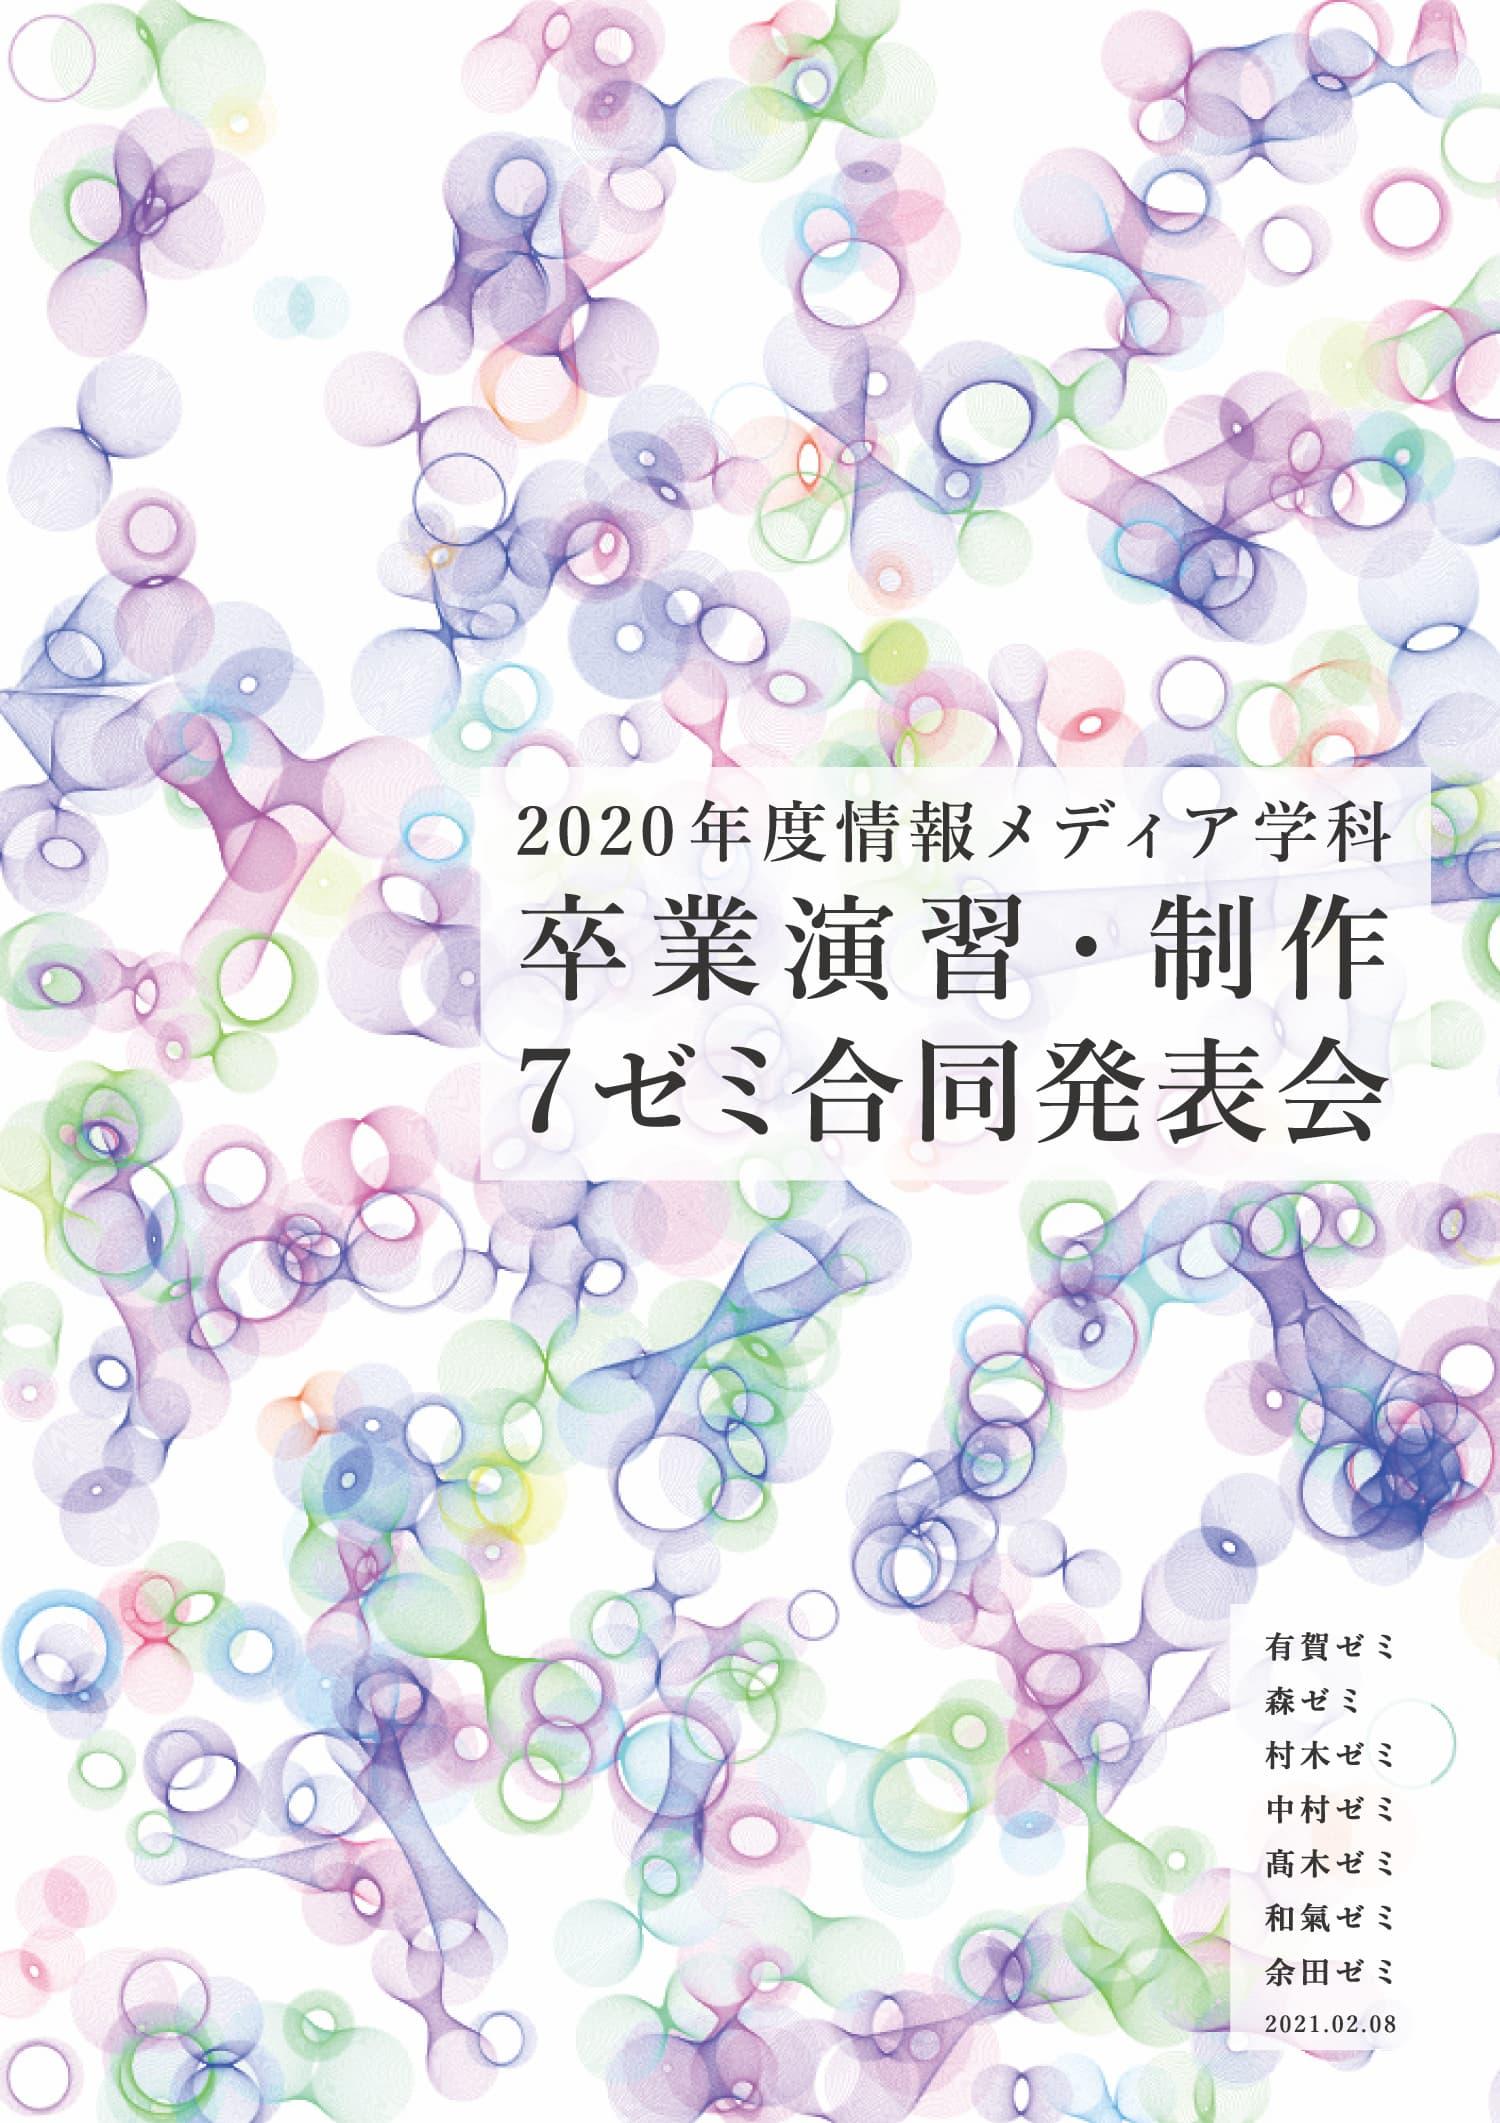 2020年度 情報メディア学科  卒業演習・制作 7ゼミ合同発表会